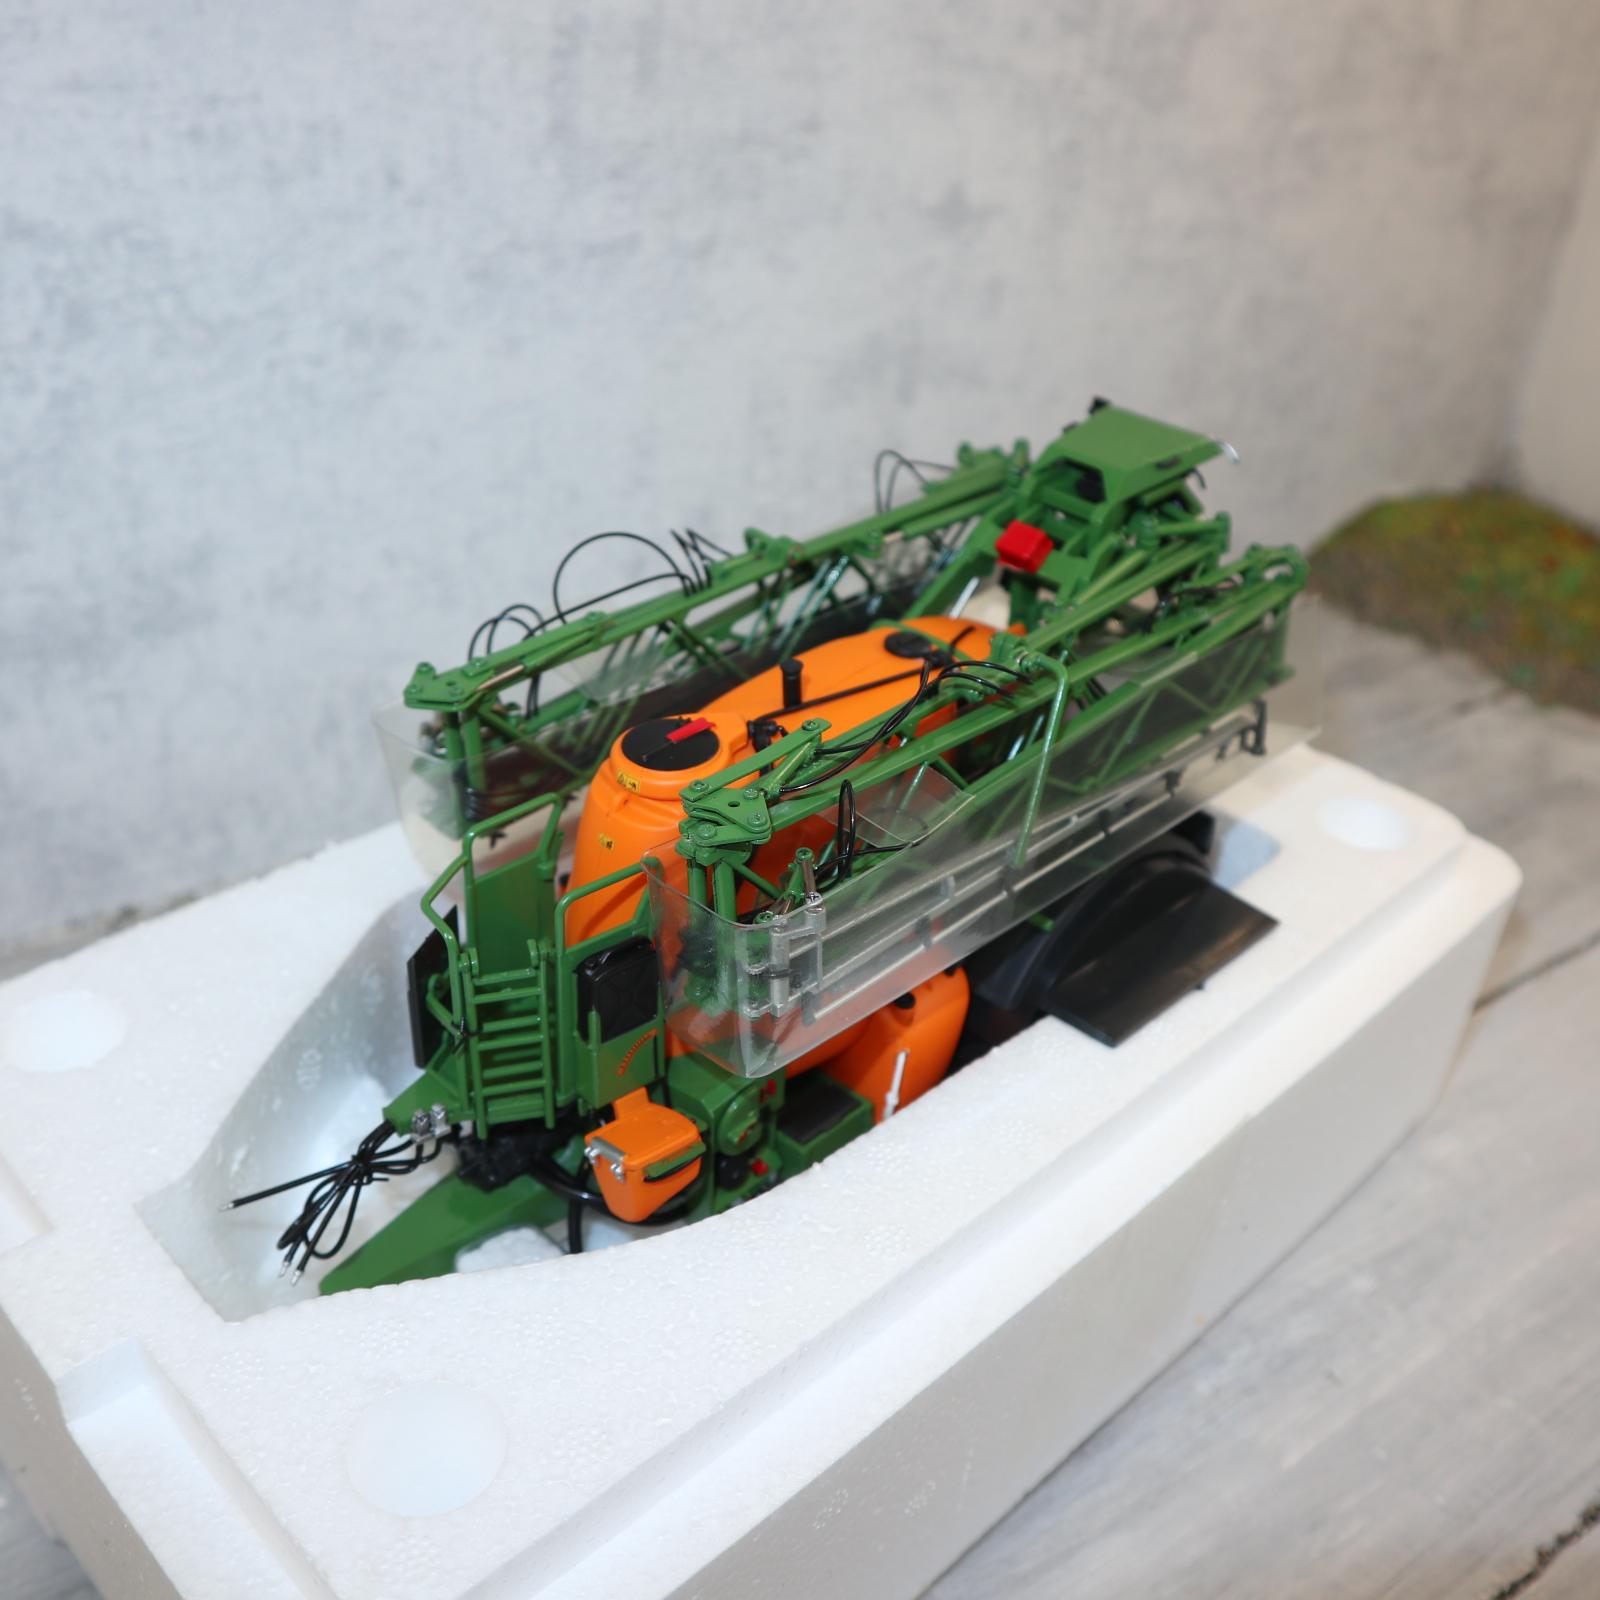 UH IC 241 AMAZONE Sprayer UX 5200 Werbemodell direkt von AMAZONE Neu in OVP